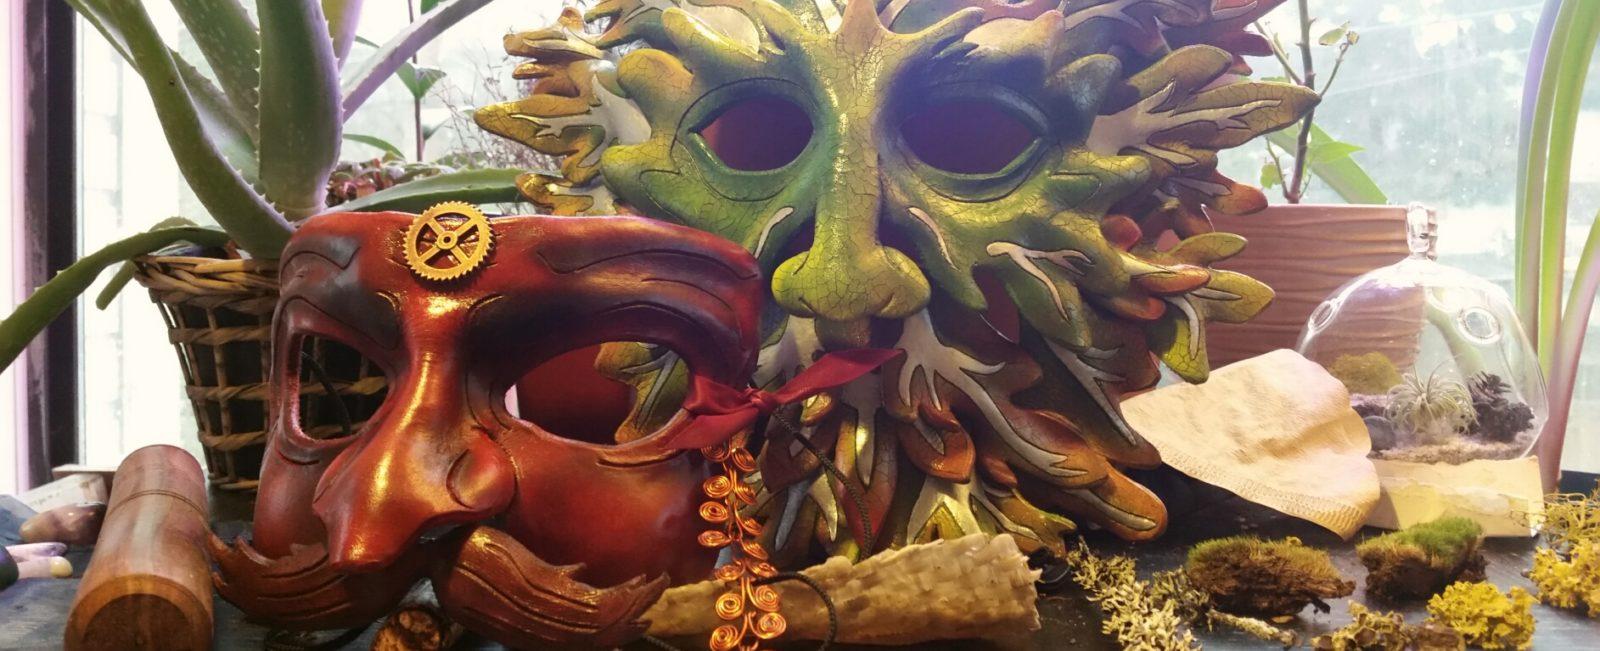 Griffin's Nest Crafts